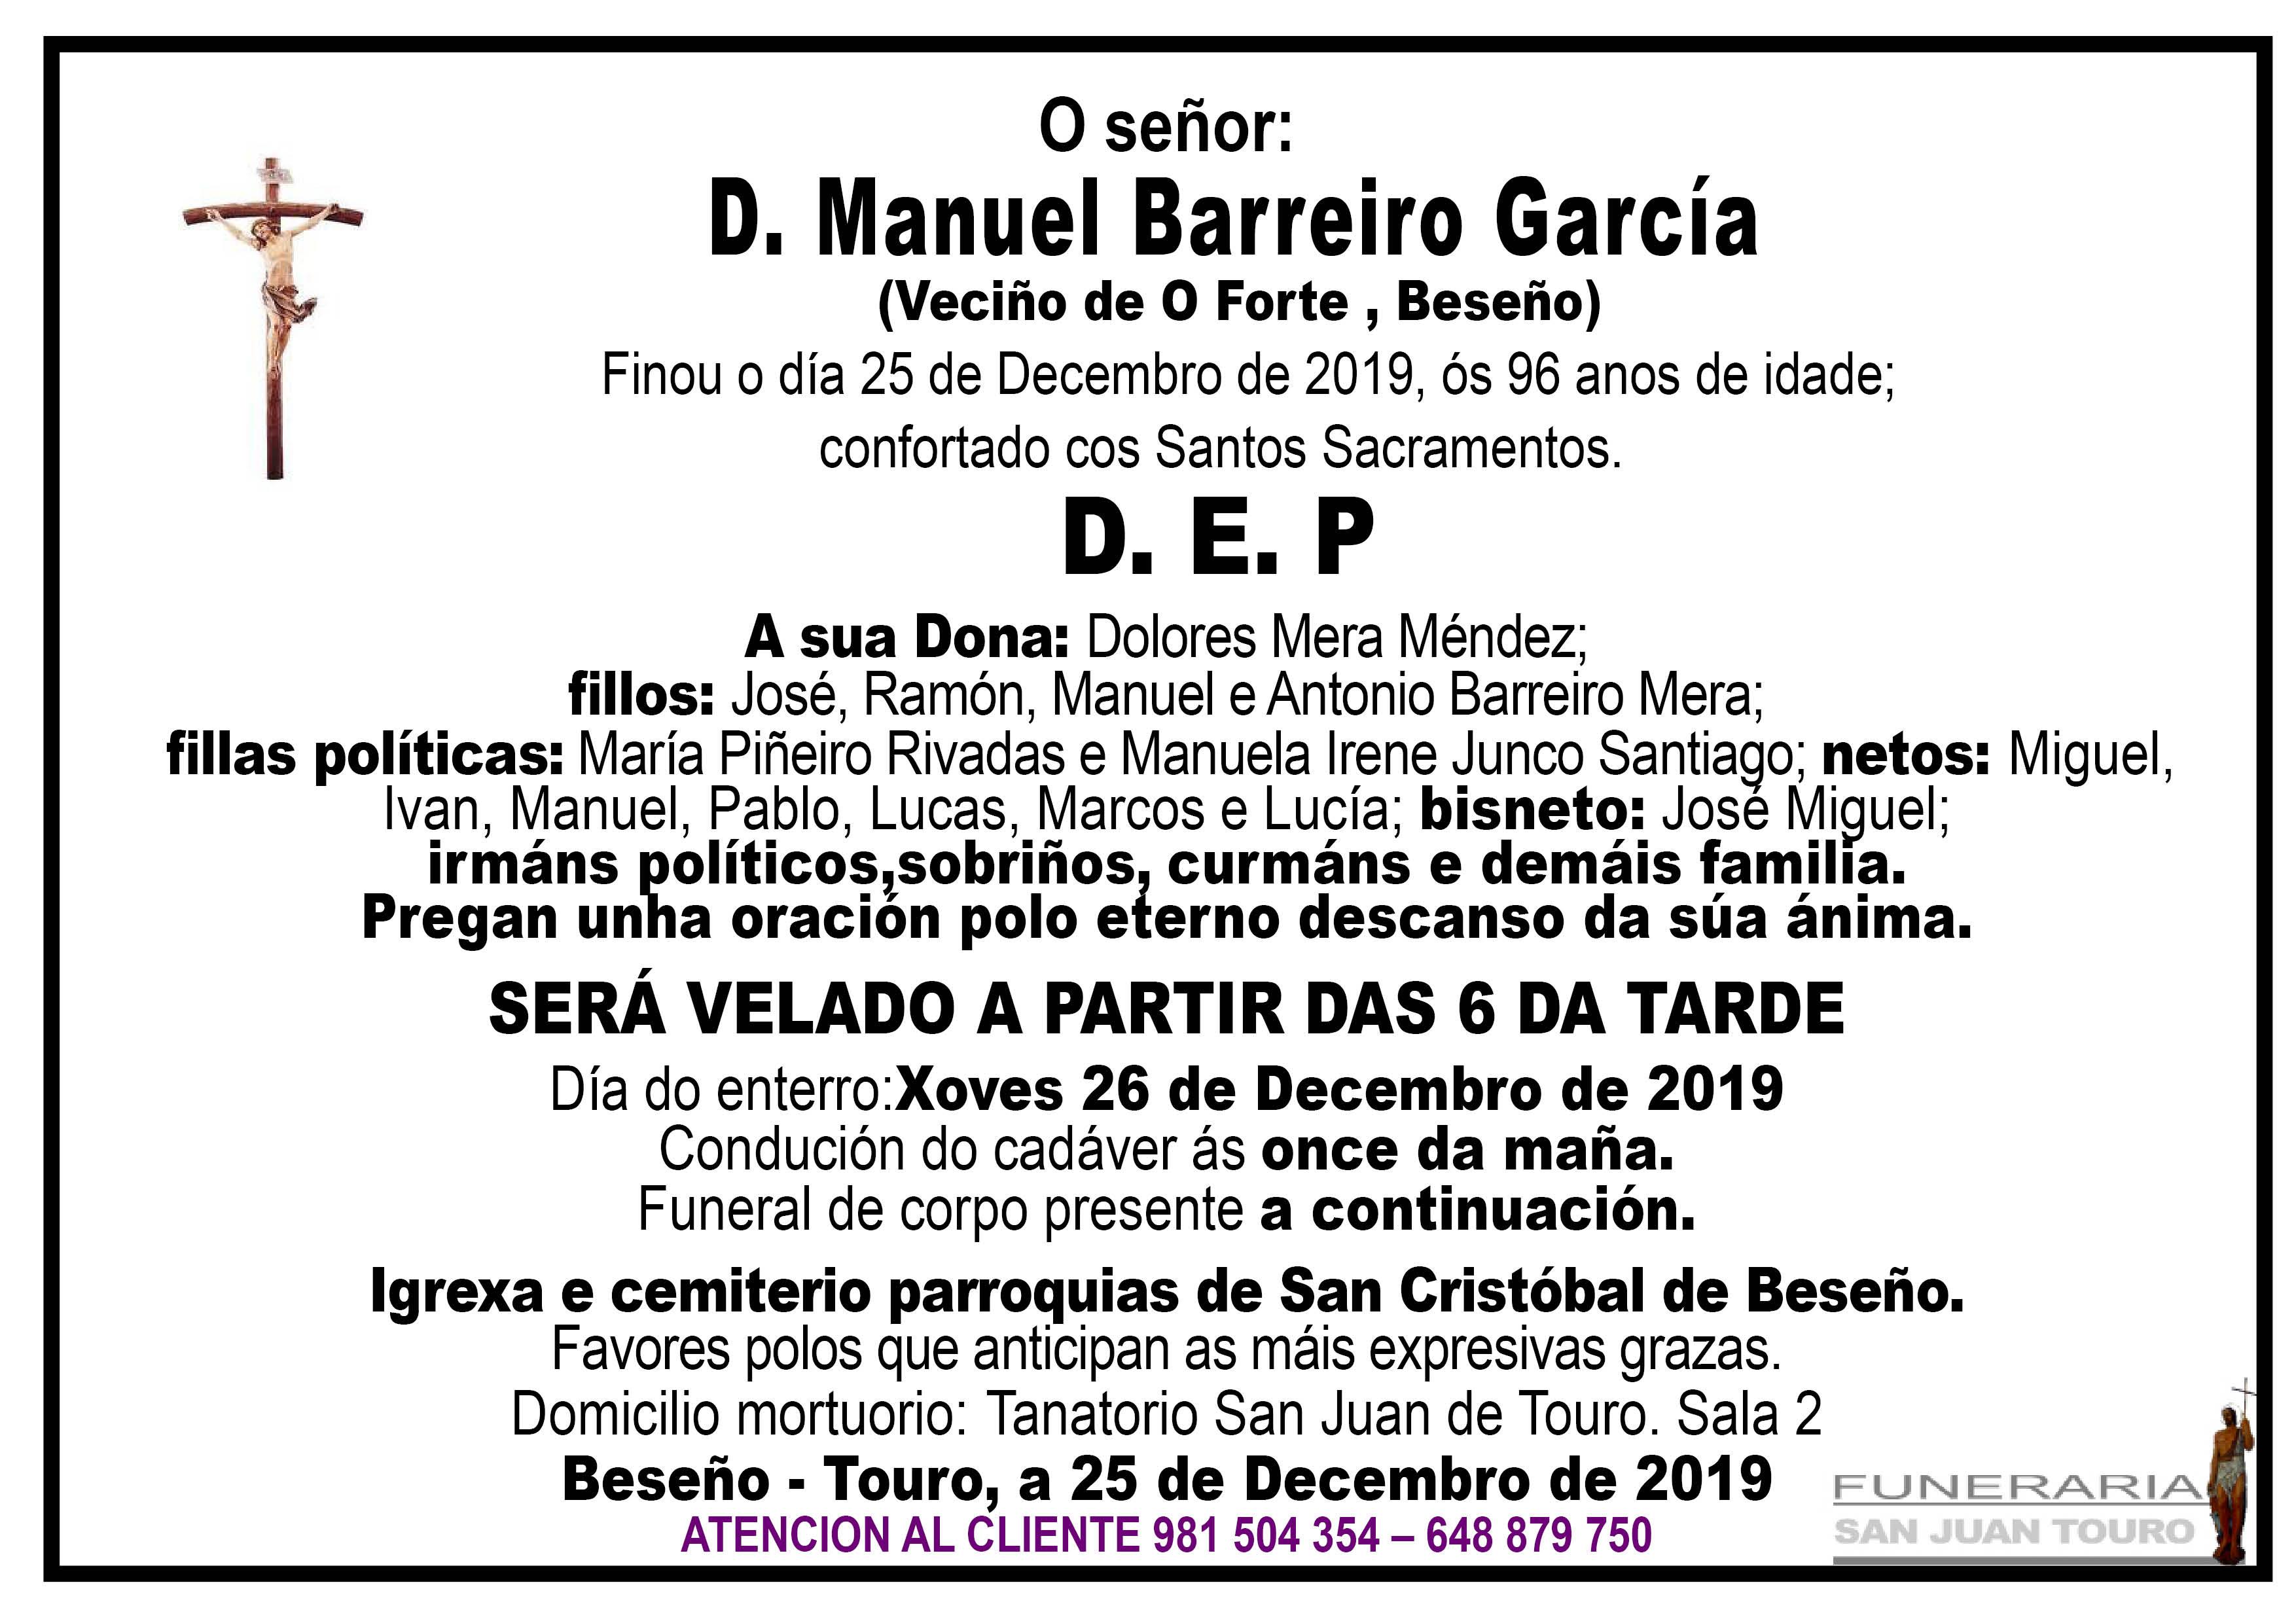 Esquela de SEPELIO DE DON MANUEL BARREIRO GARCÍA